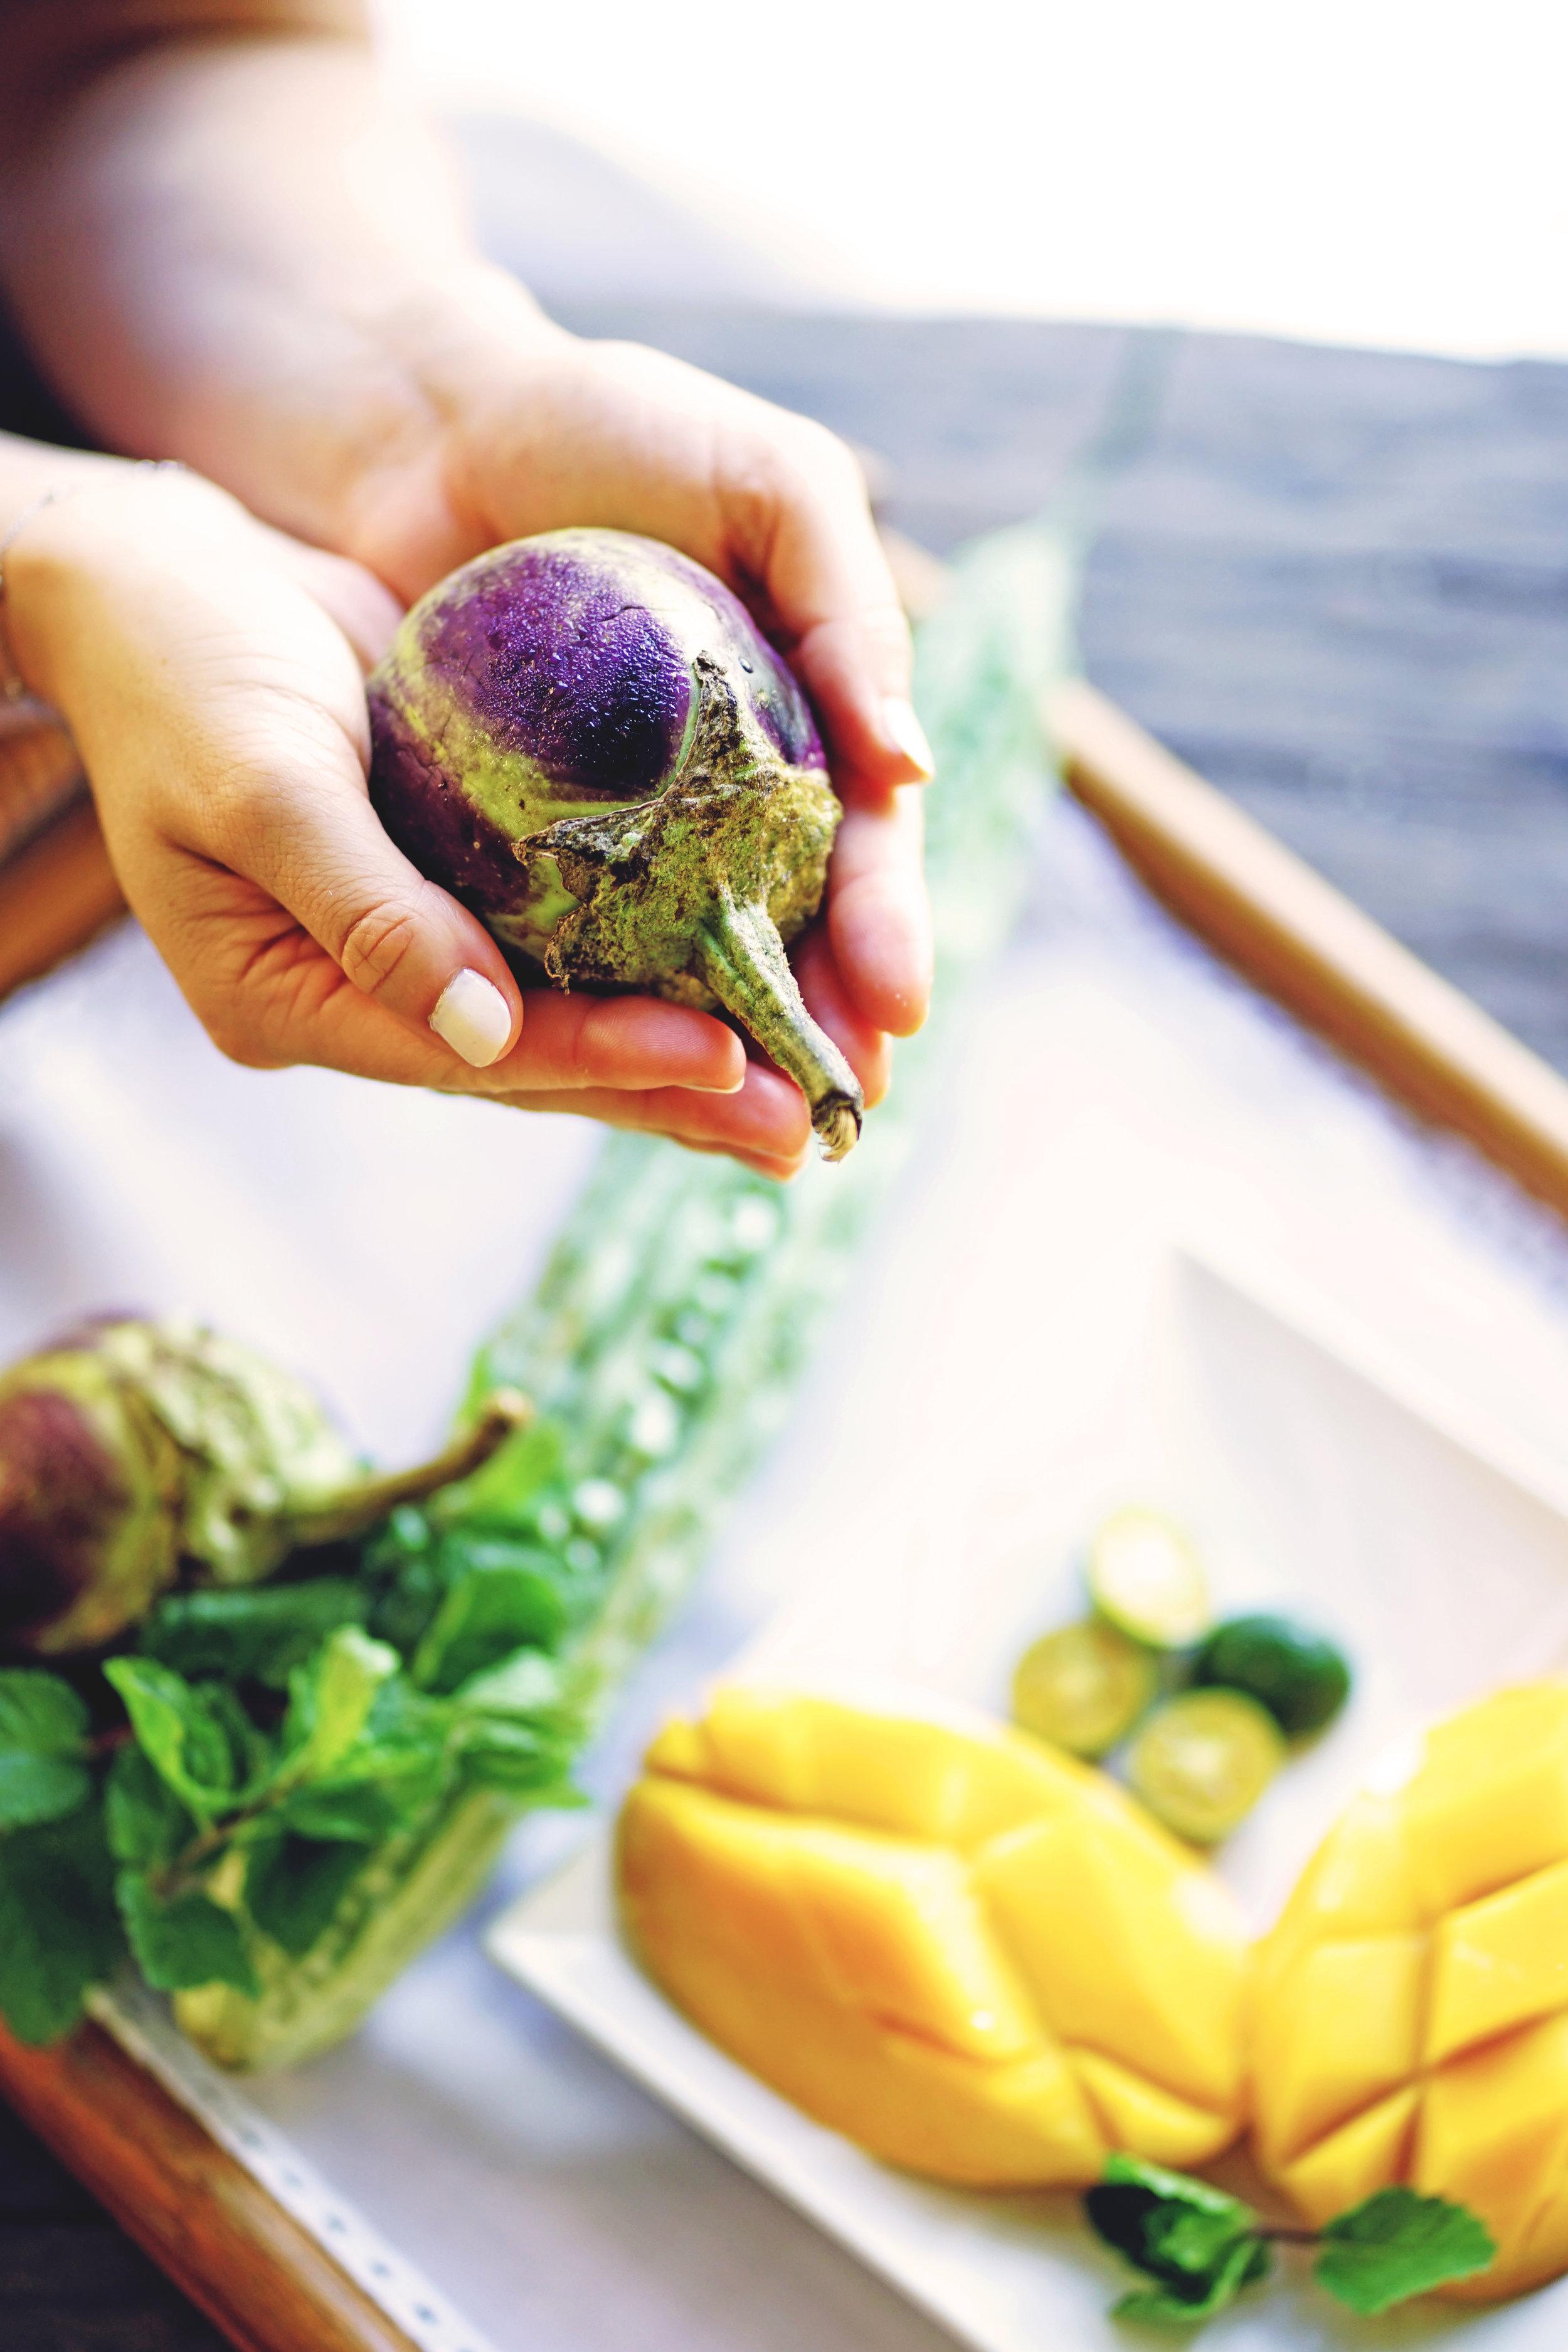 Local Cebuano organic eggplant, mint ampalaya & mango from  God's Grace Farm . Photo by  Jen Rimaz